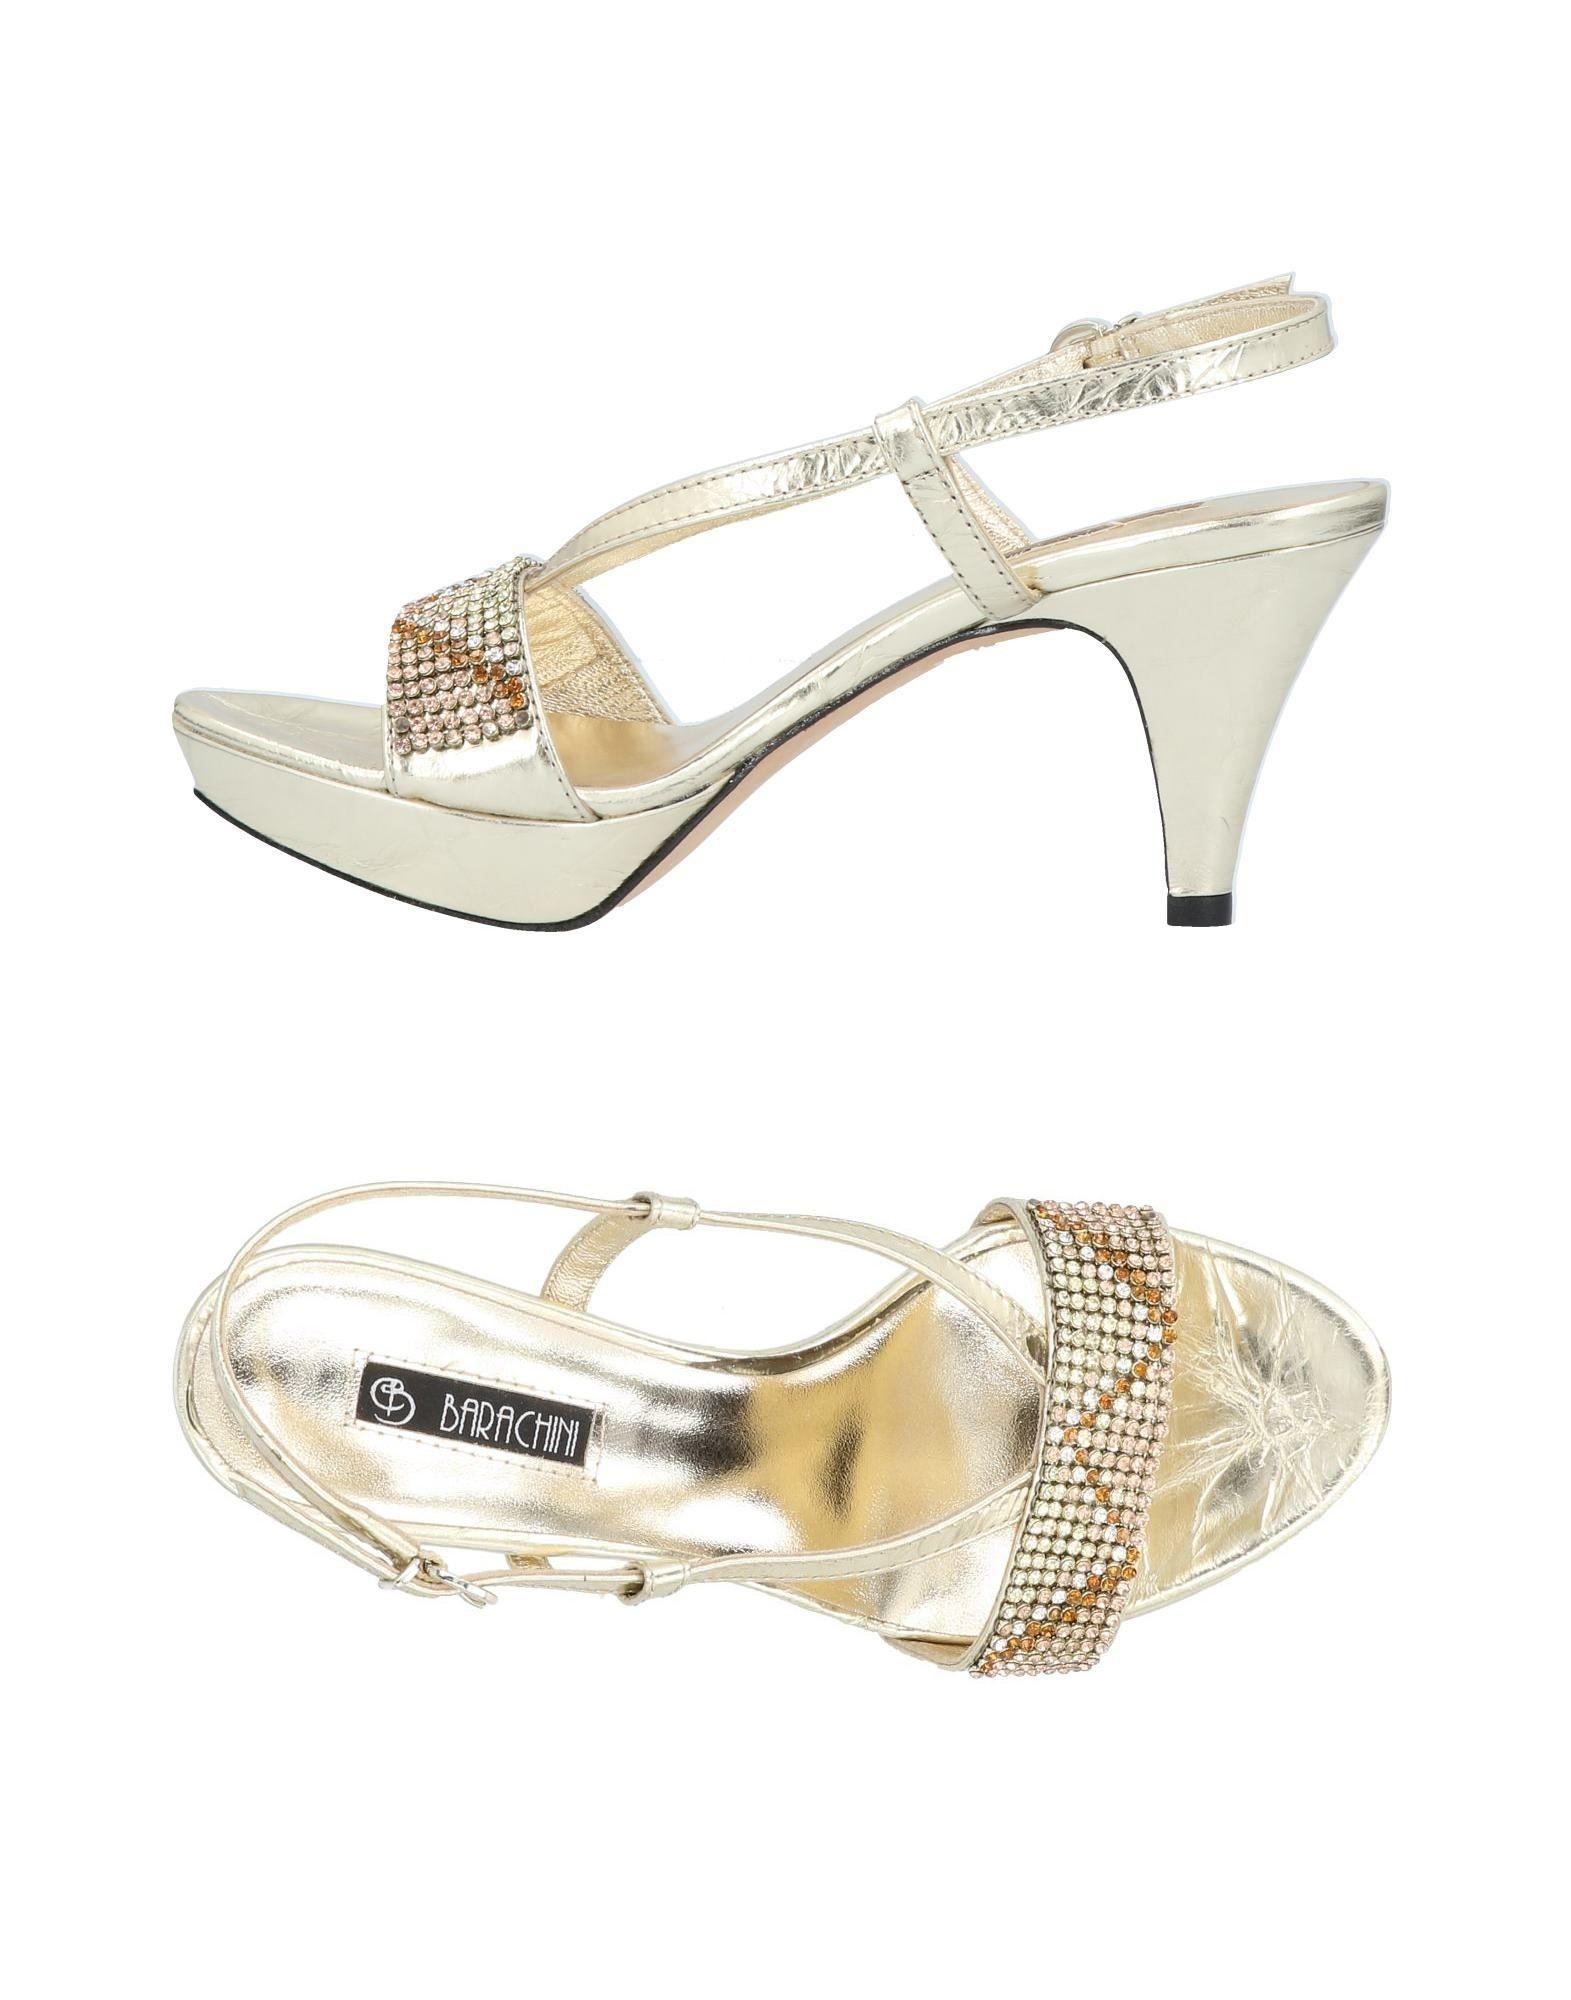 Barachini Sandalen Damen  11418032IA Gute Qualität beliebte Schuhe